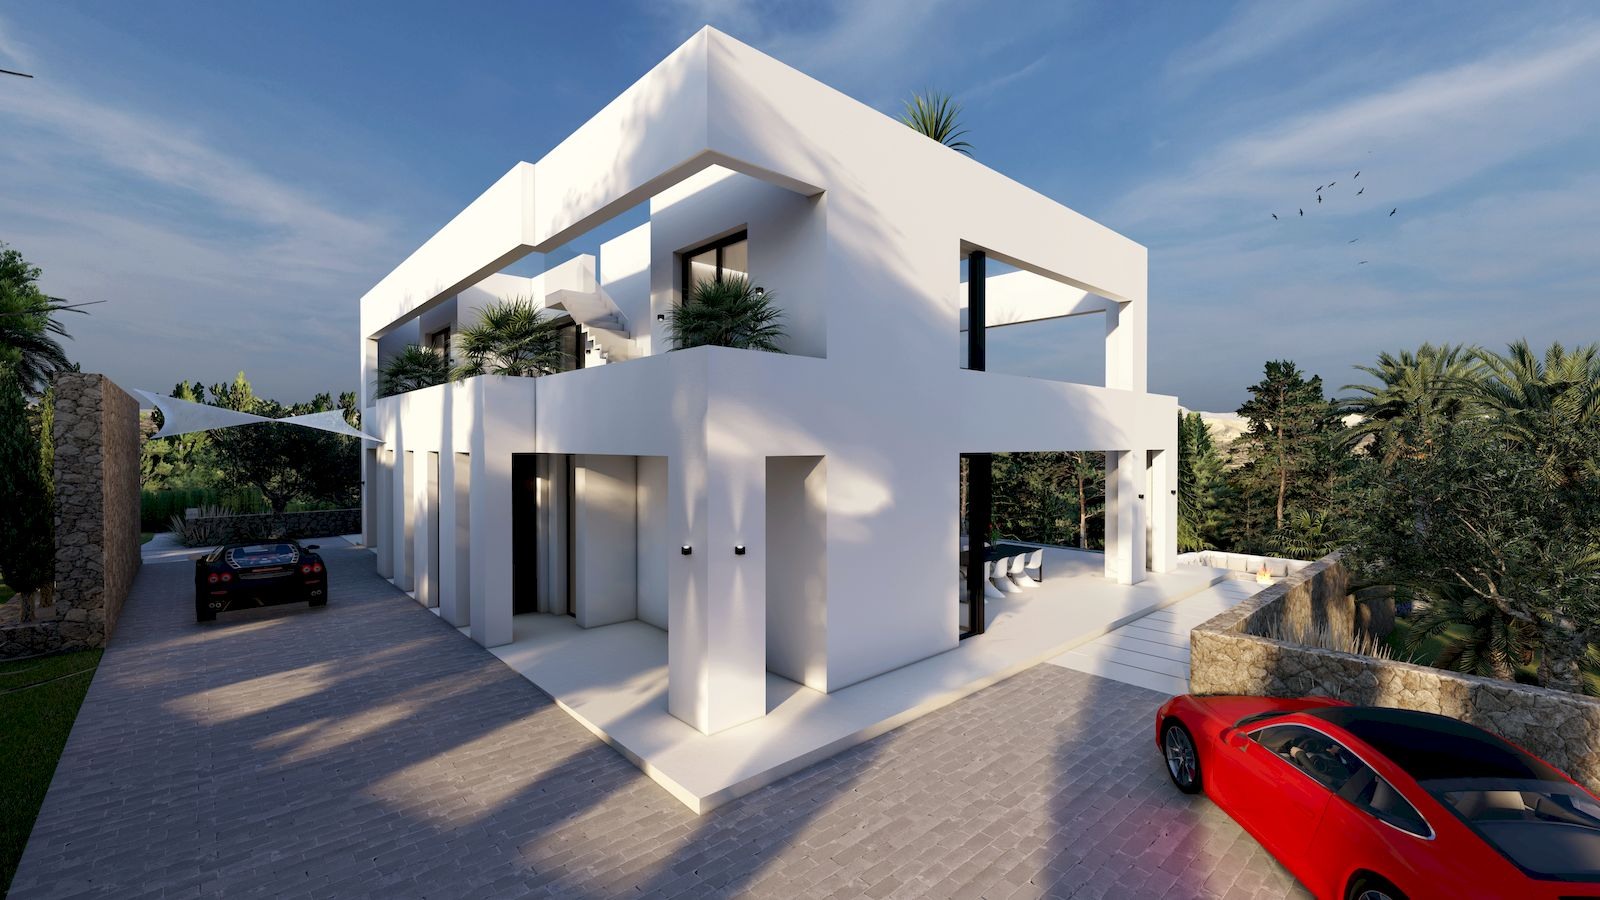 Villa Moderna de Obra Nueva a la Venta en Benissa - Costa Blanca